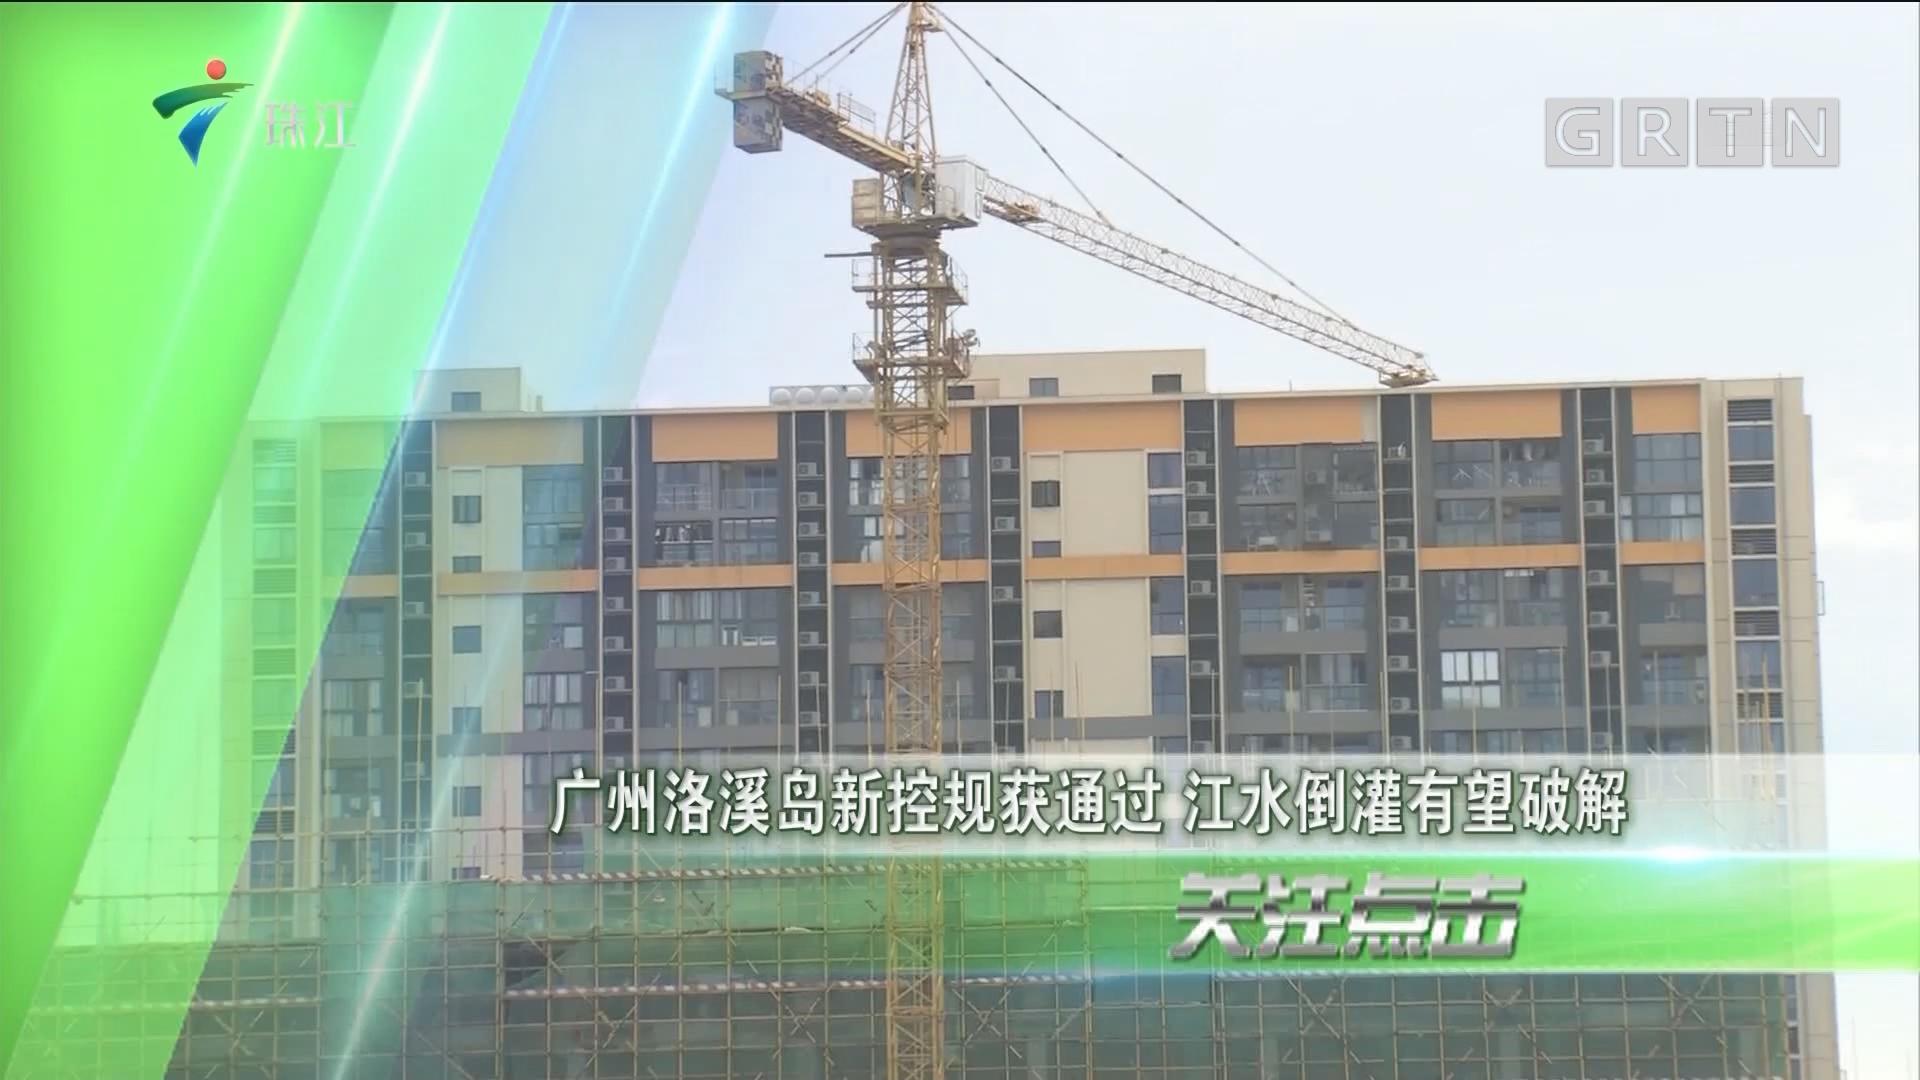 广州洛溪岛新控规获通过 江水倒灌有望破解